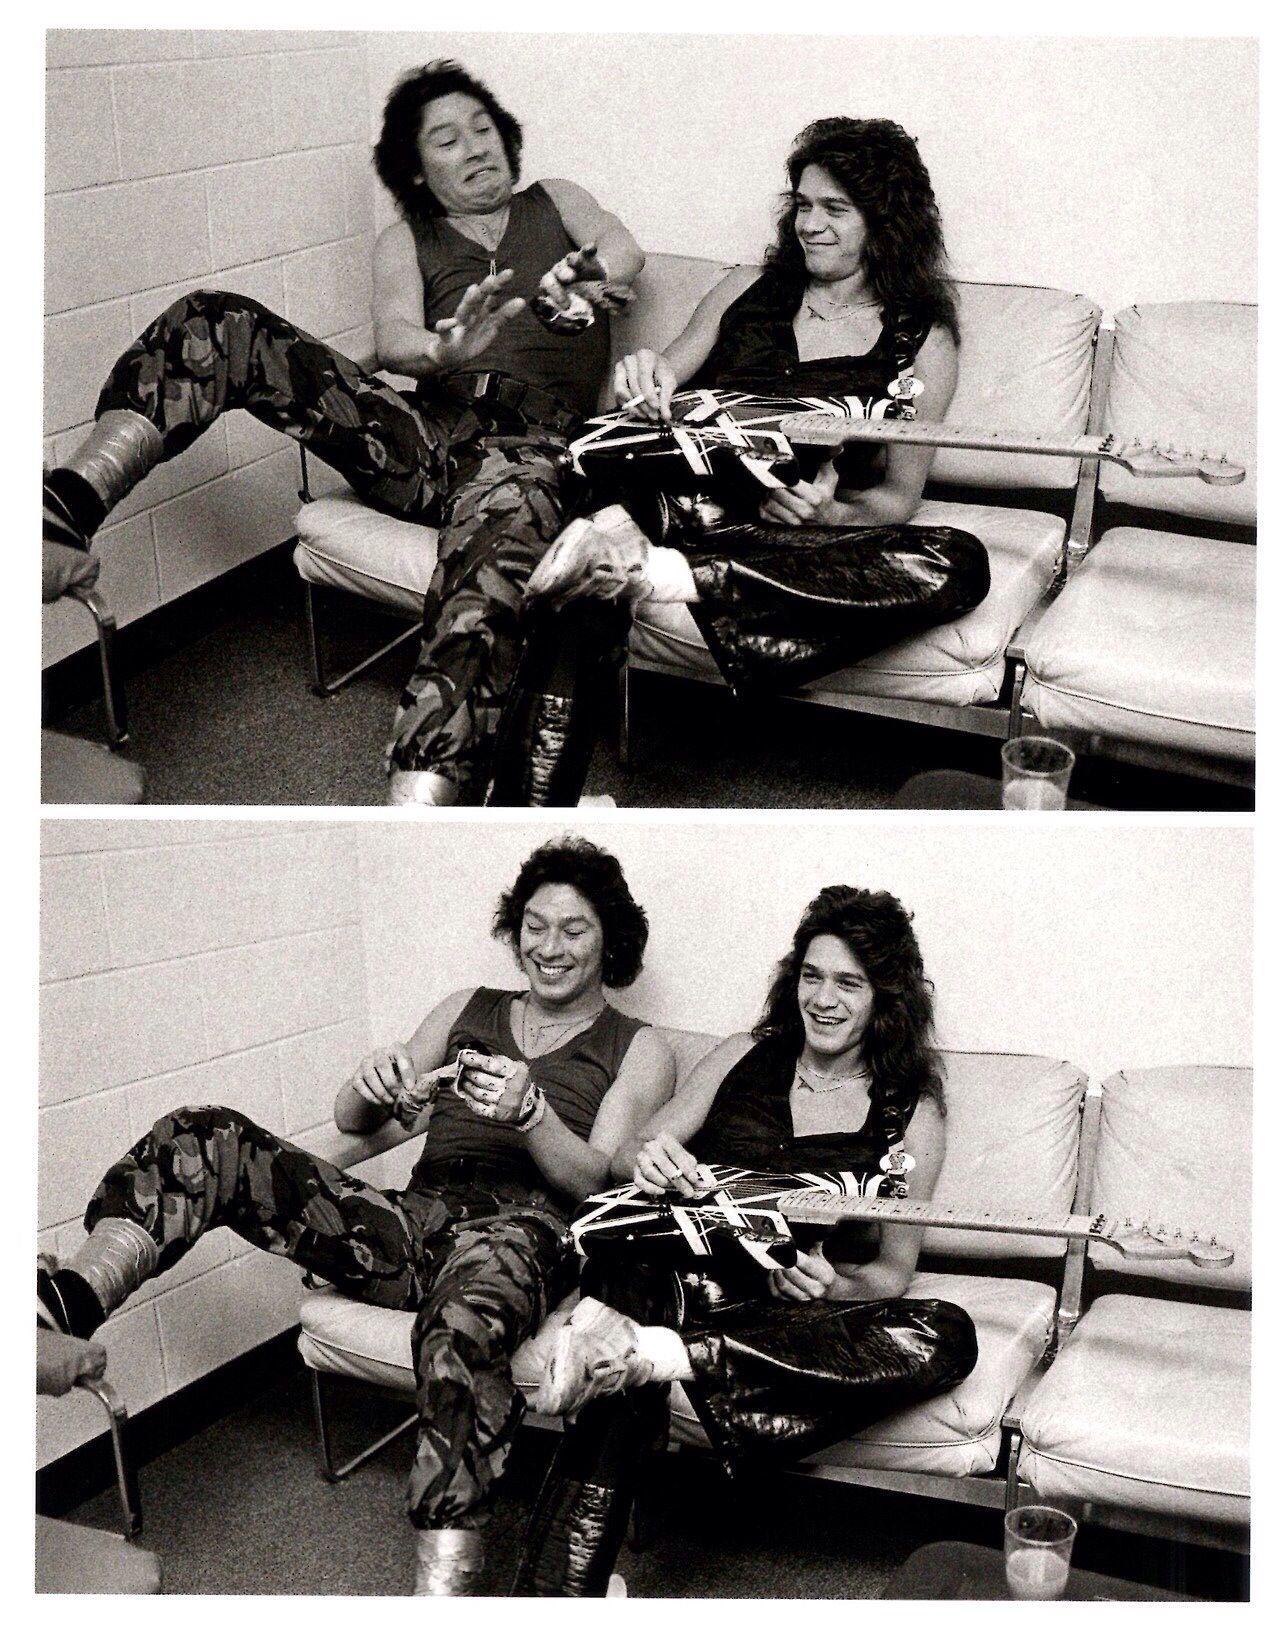 Eddie And Alex Van Halen Van Halen Eddie Van Halen Alex Van Halen